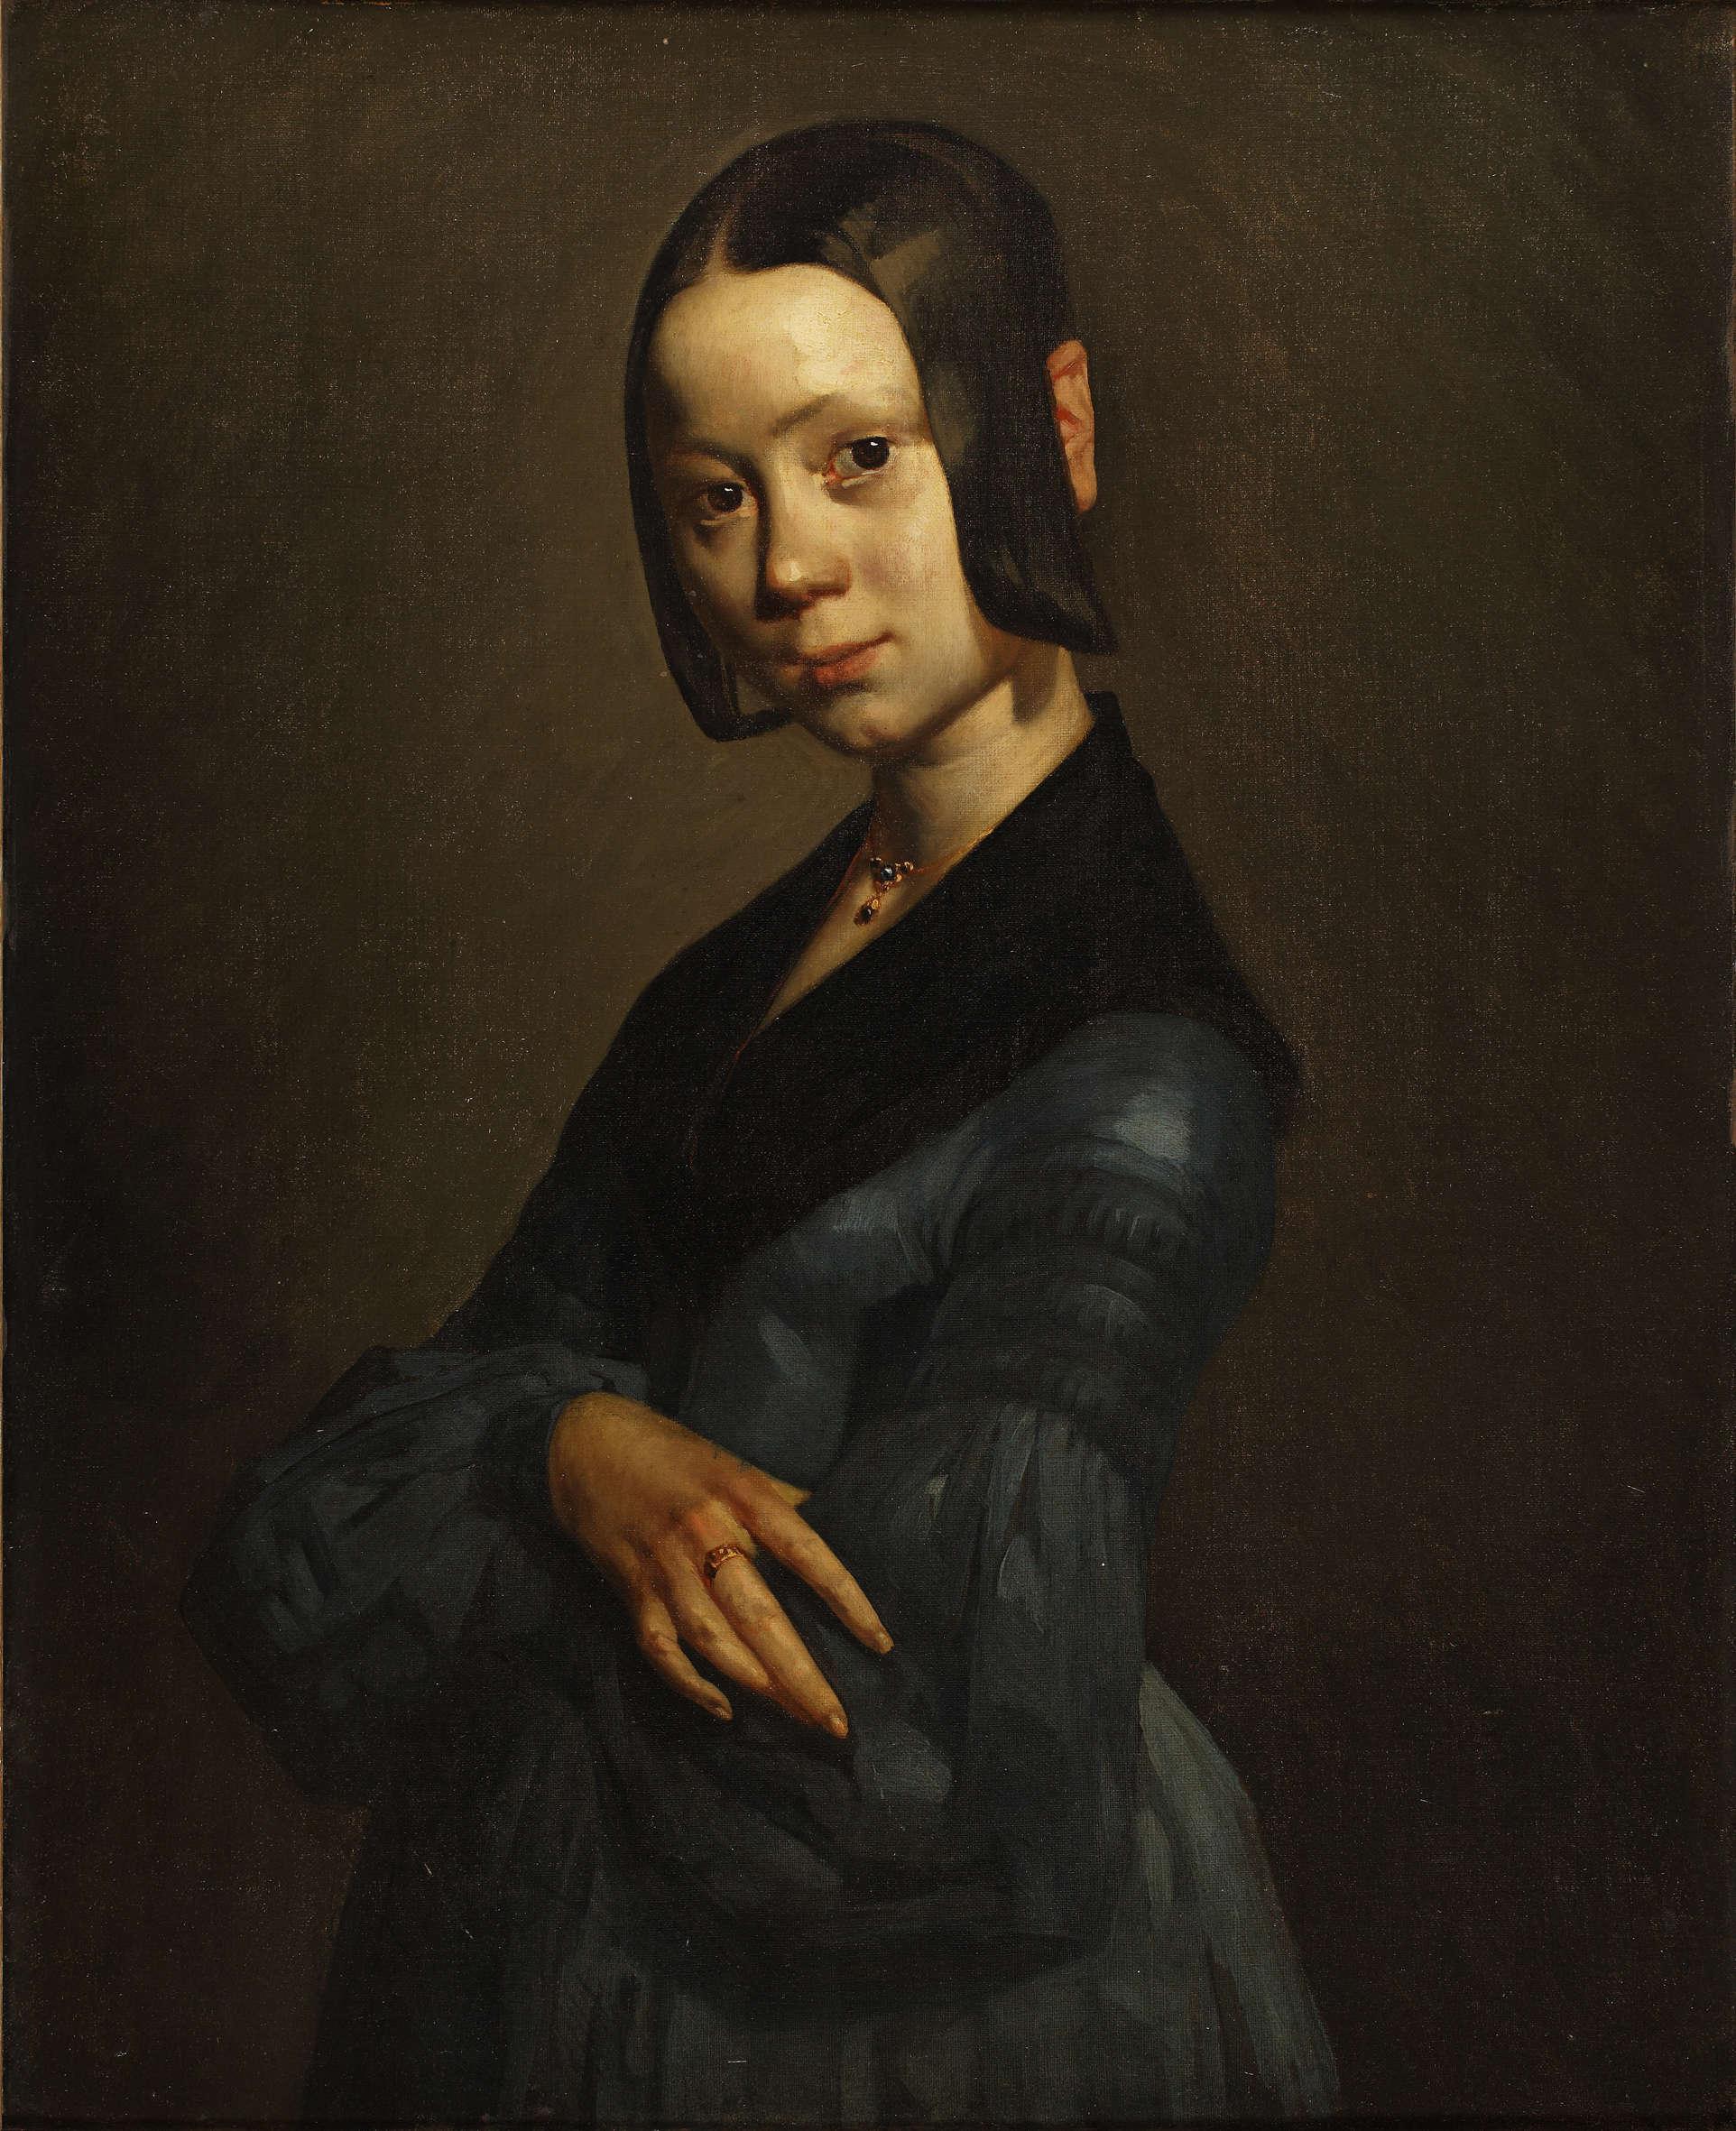 «Parce qu'il lui fallait gagner sa vie, Millet s'est d'abord adonné, avec bonheur, à l'art du portrait, qu'il expérimente avec les membres de sa famille. Ce portrait, austère, voire guindé, de sa jeune femme, Pauline, rappelle les portraits de famille que l'on trouve chez les notables de province. Mais bientôt le peintre s'offrira plus de liberté et s'autorisera à plus de volupté dans la représentation.»